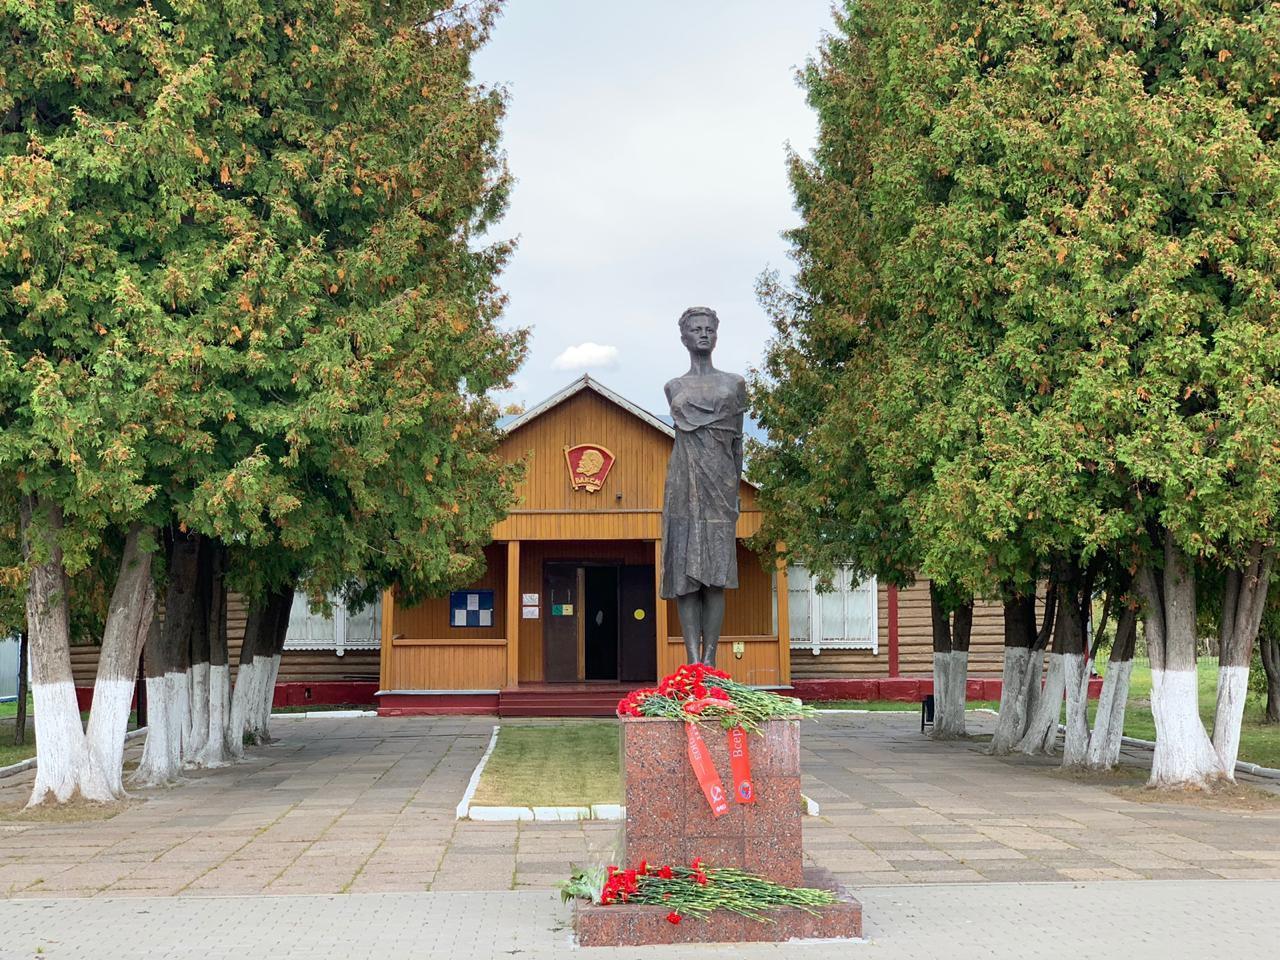 Памятные мероприятия, посвященные Герою Советского Союза Зое Космодемьянской